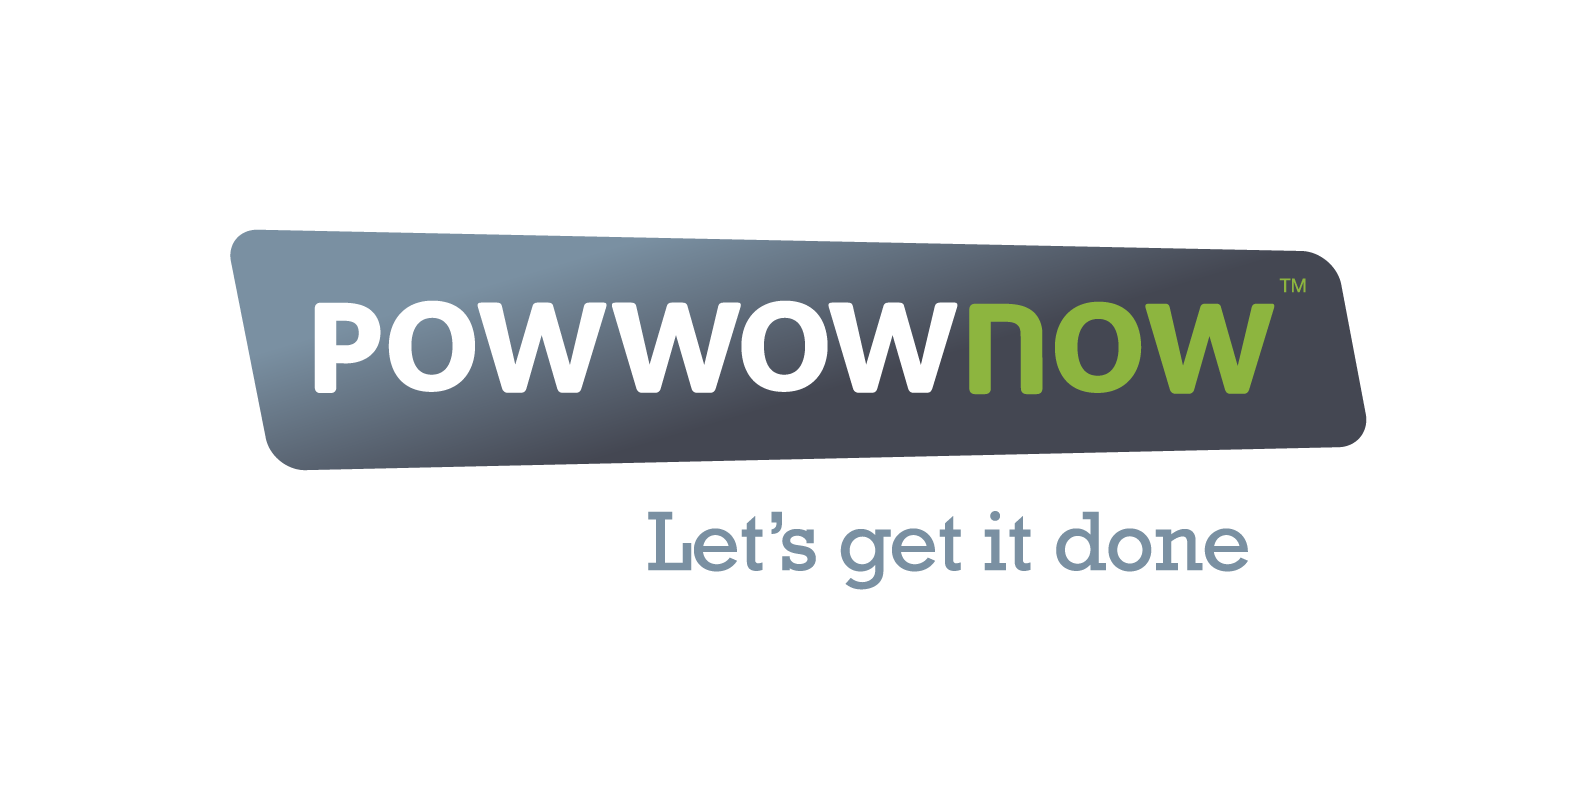 logo for Powwownow